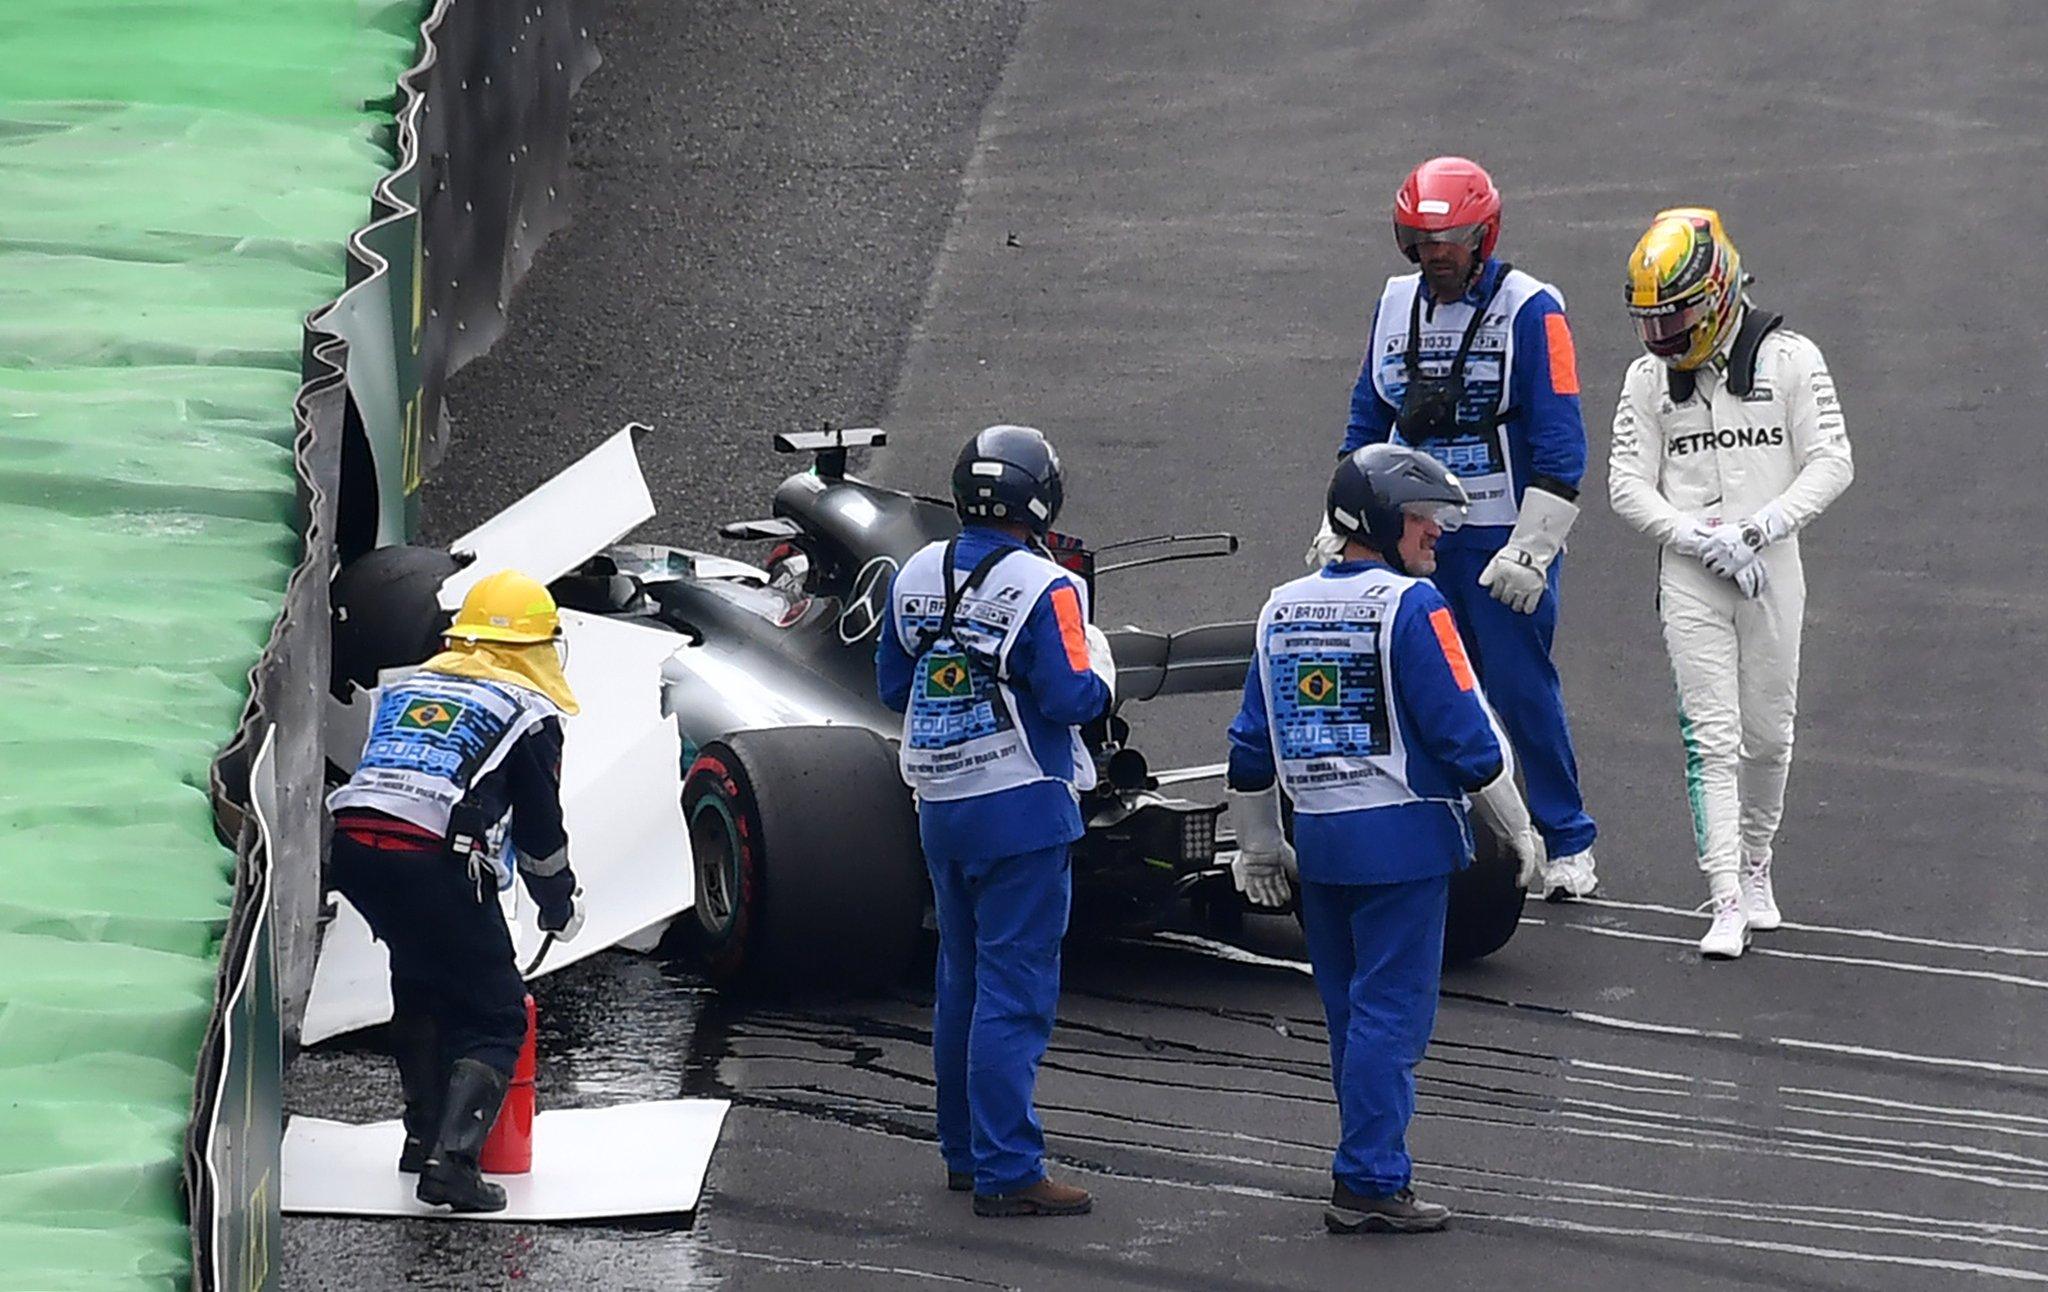 Льюис Хэмилтон разбил машину в первом сегменте квалификации гран-при Бразилии 2017 года